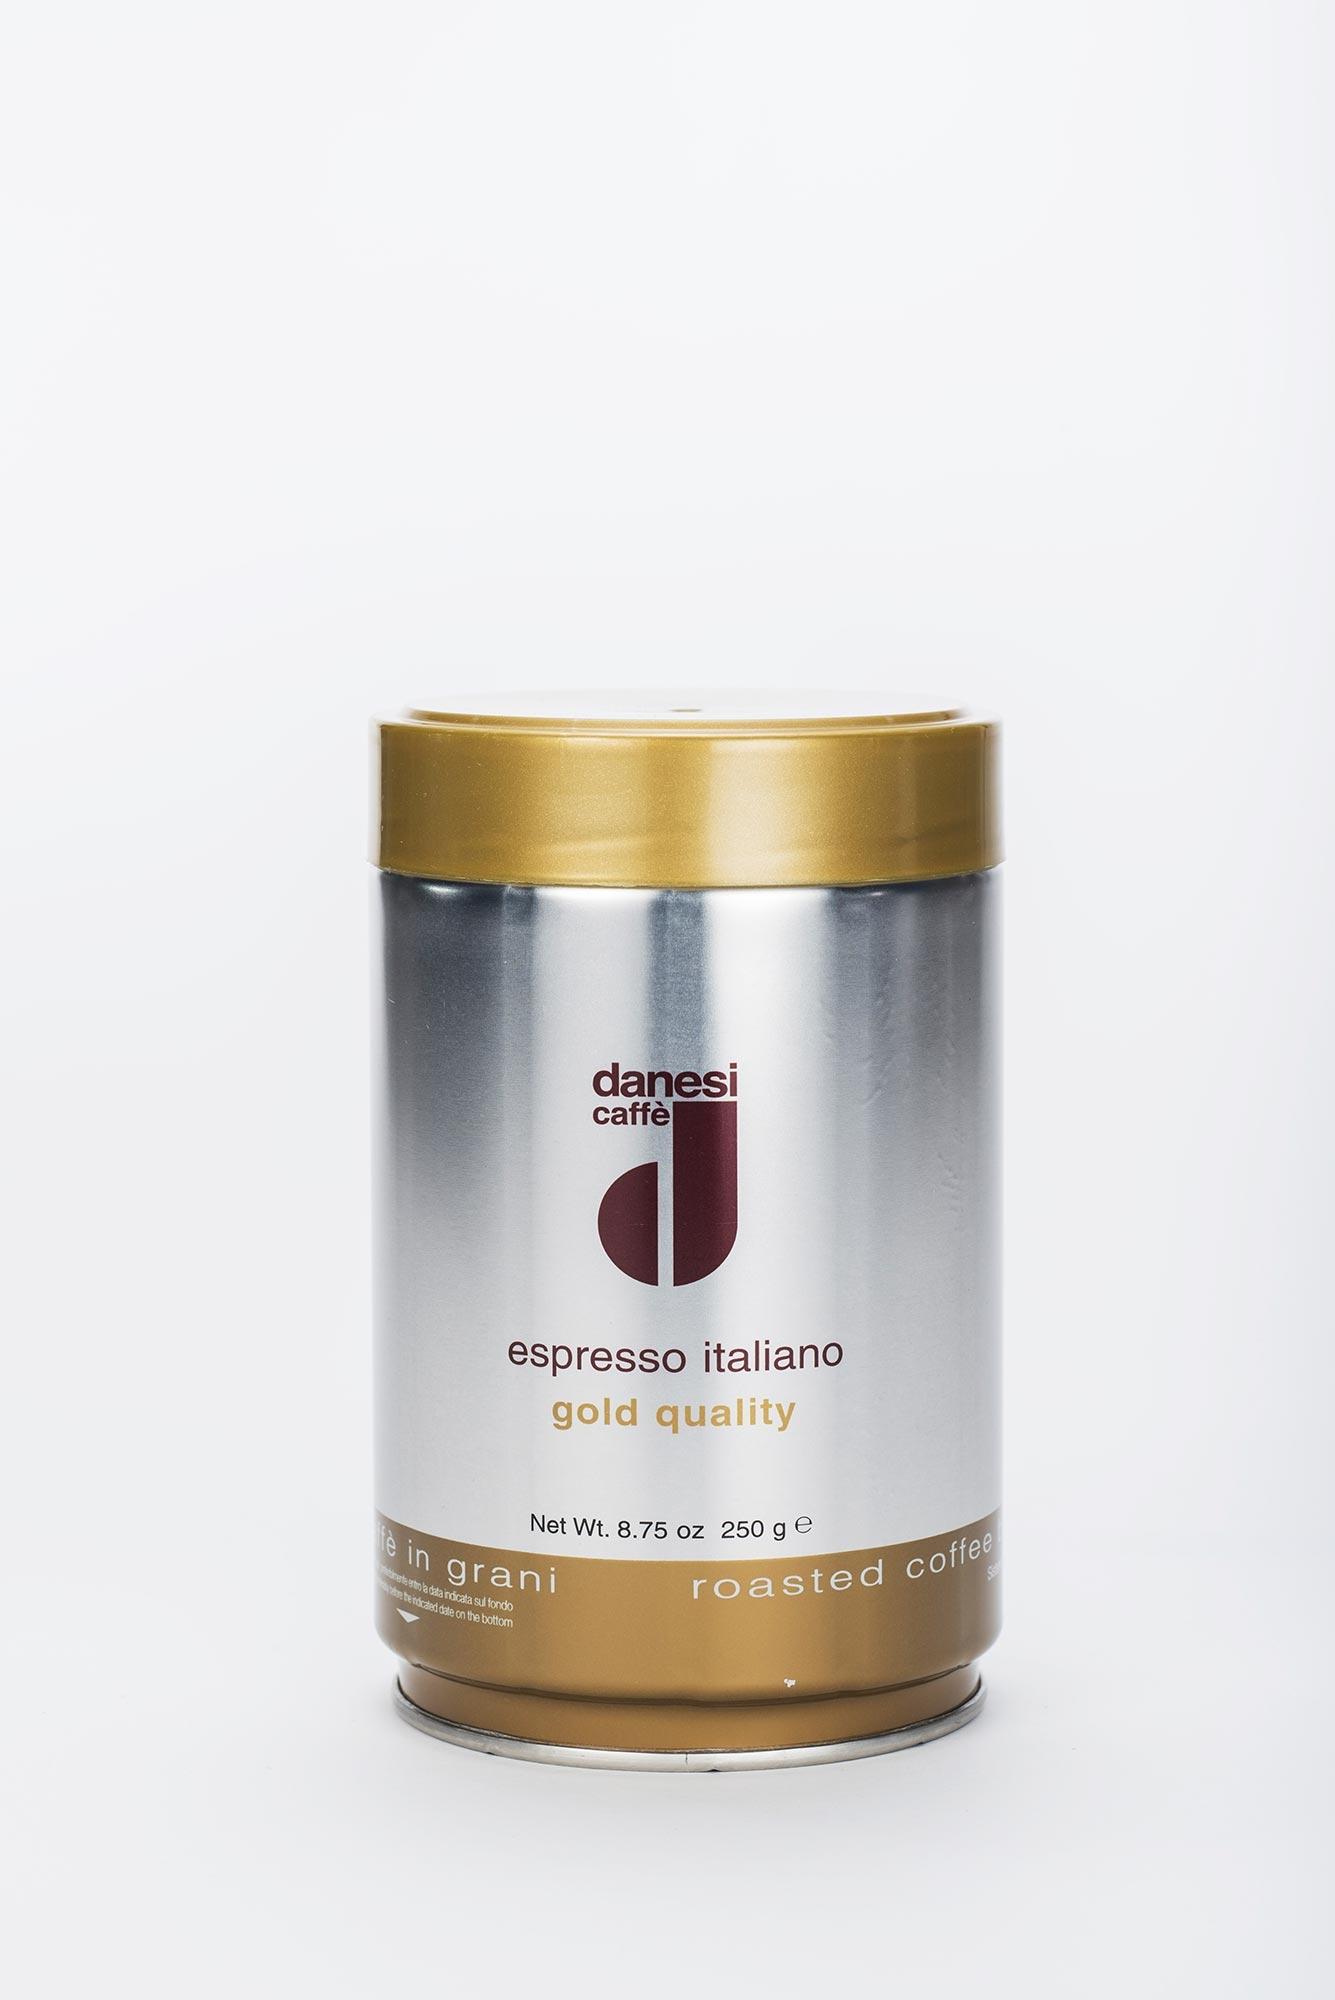 danesi caff espresso oro 250g bohnen online kaufen roastmarket. Black Bedroom Furniture Sets. Home Design Ideas